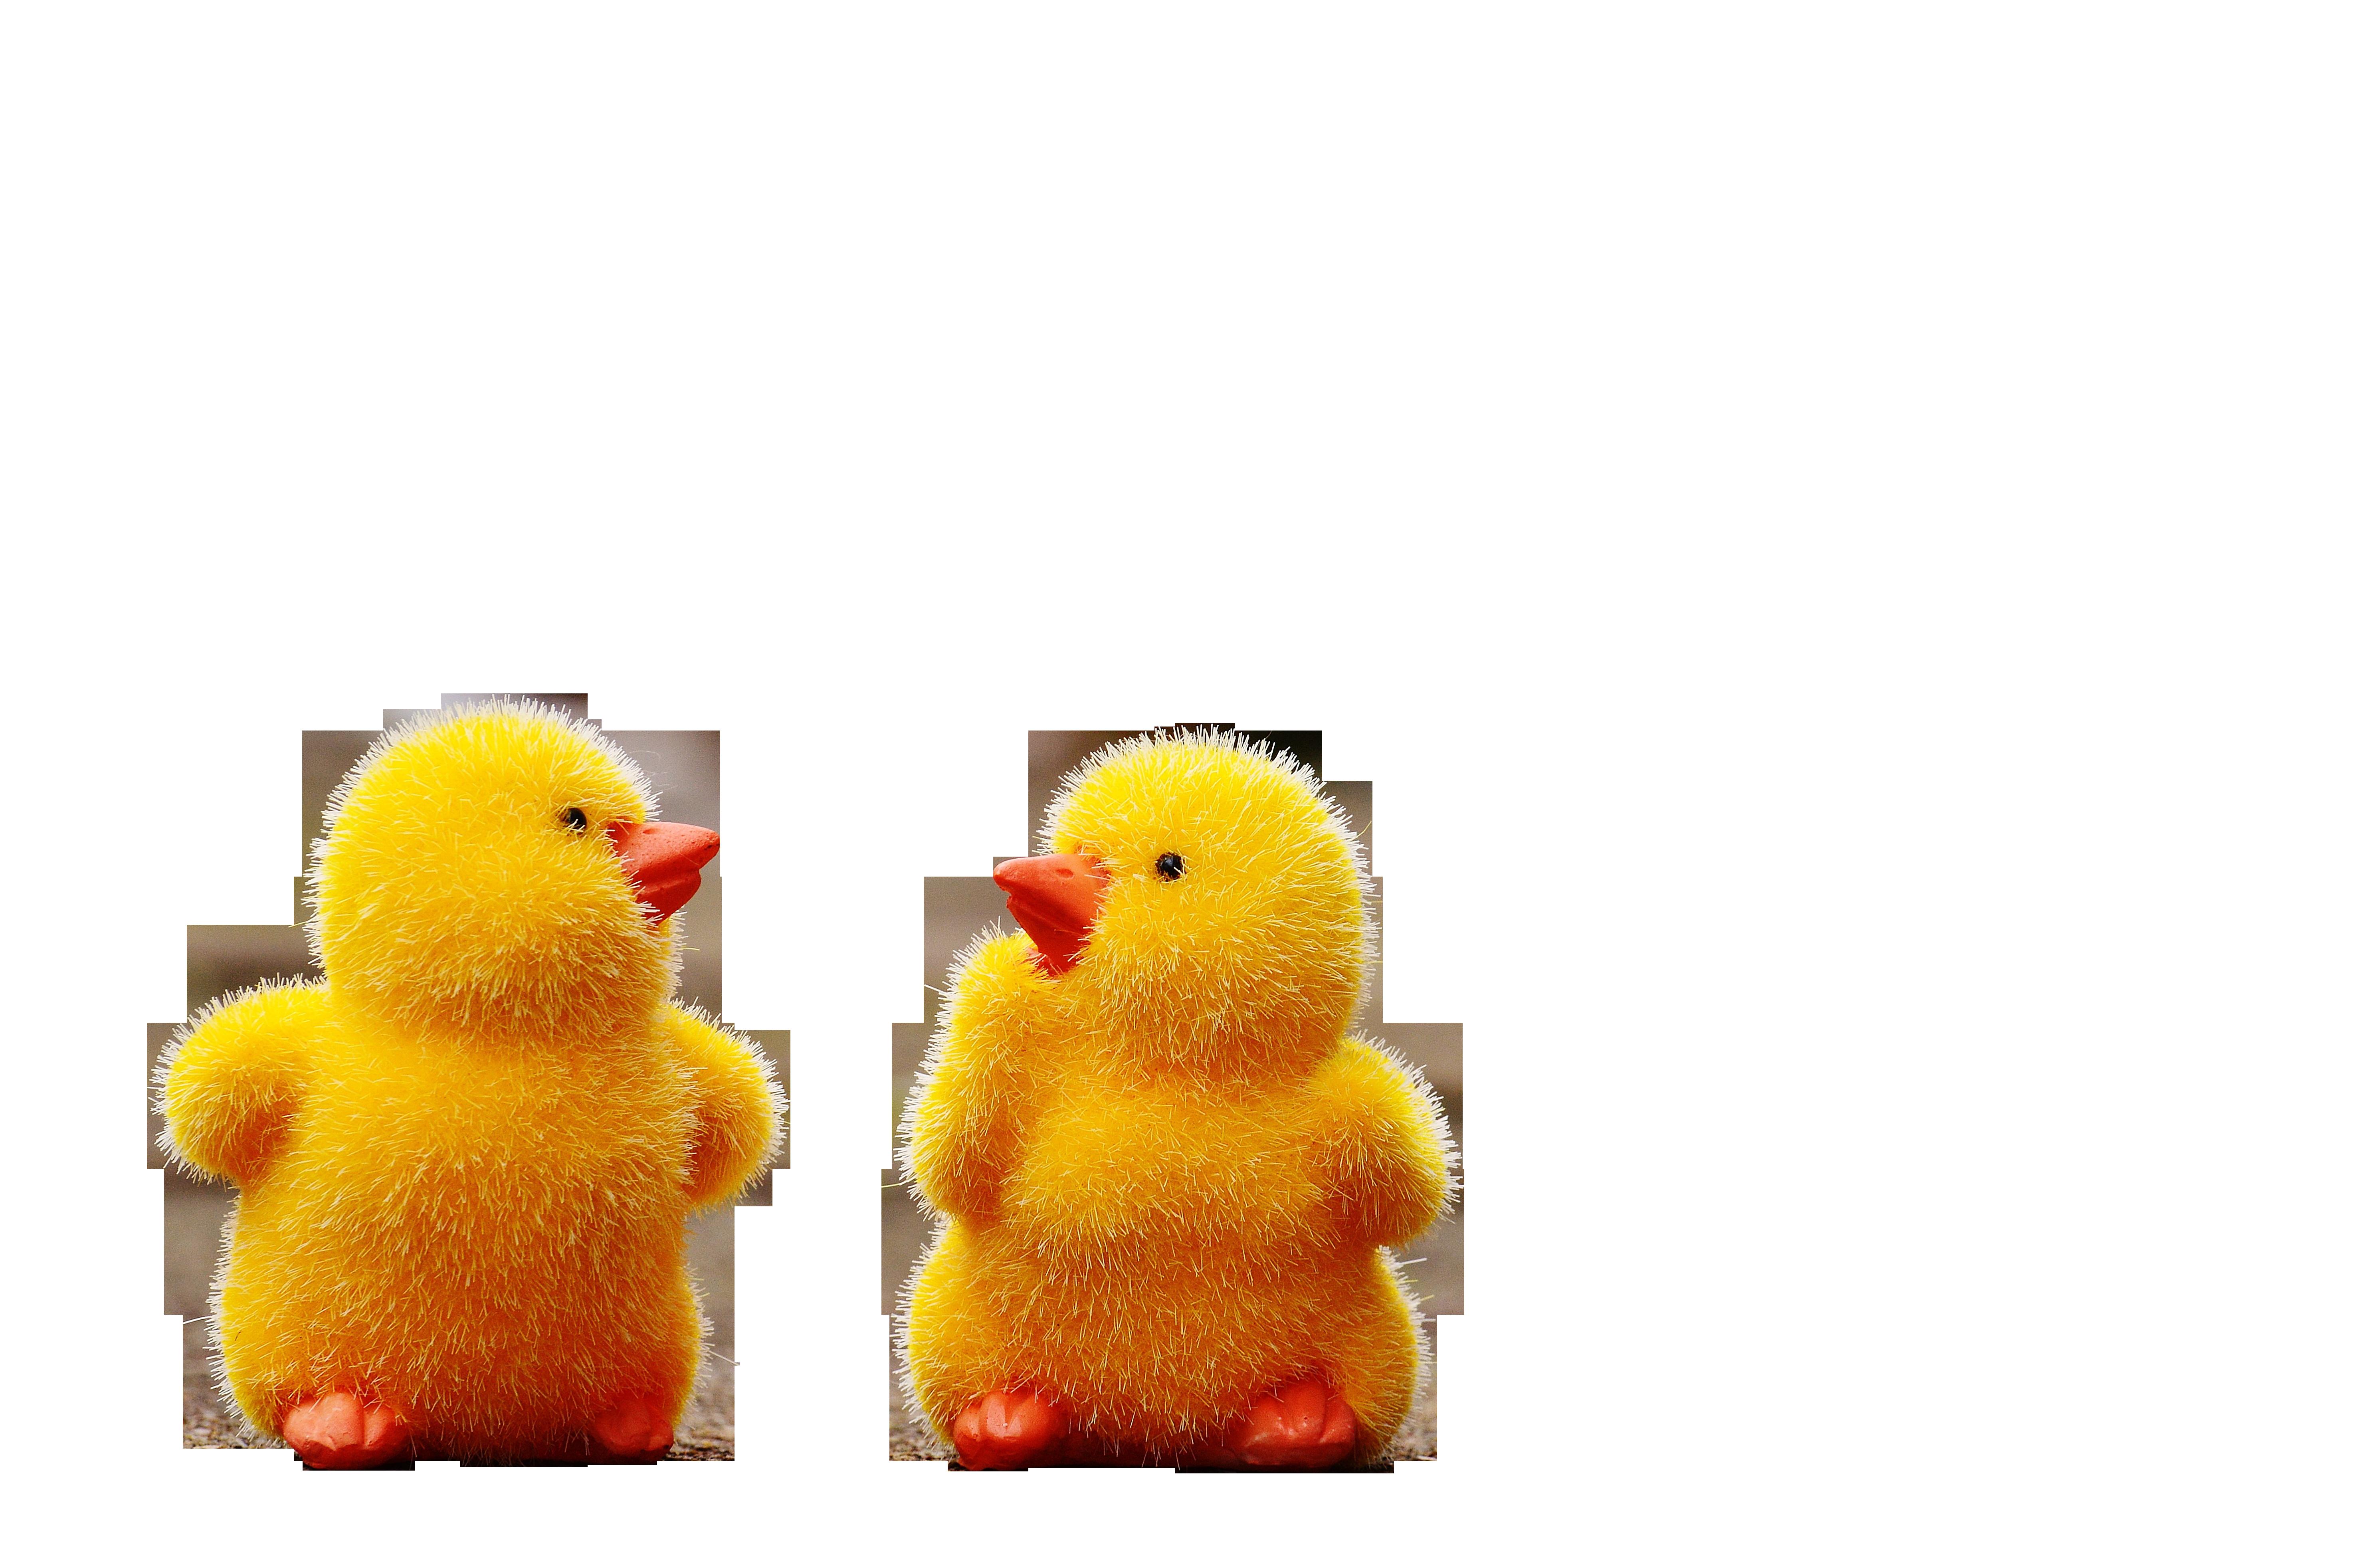 chicks-1159194_Clip